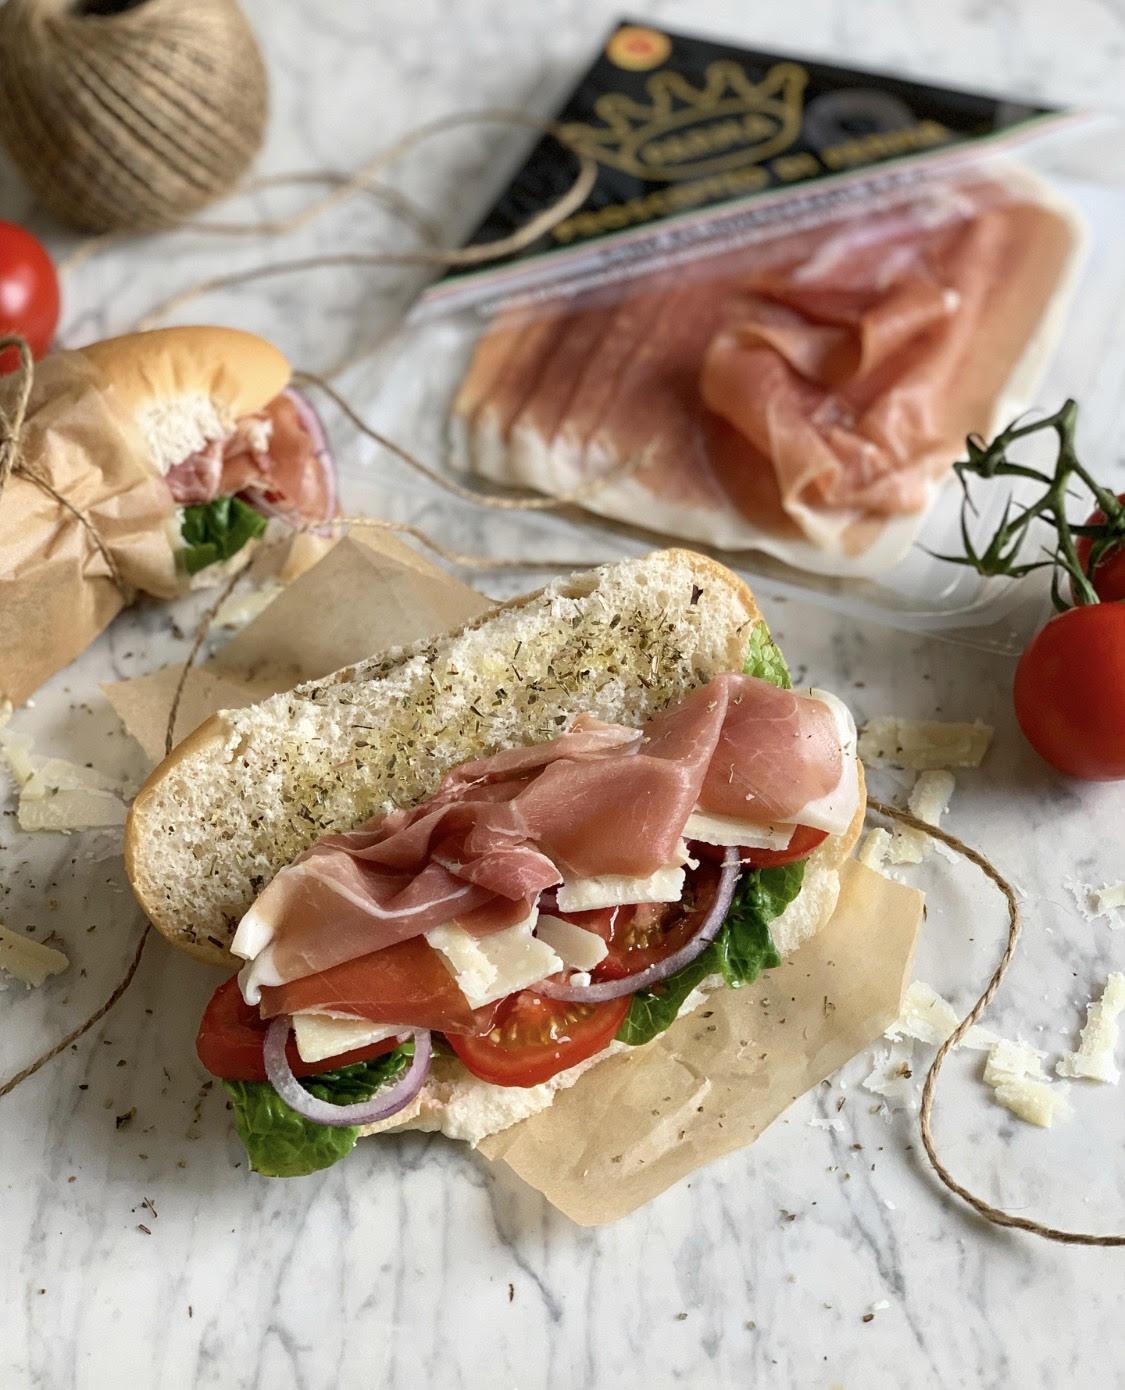 Italian Sub Sandwich With Prosciutto Di Parma Ham Lavender And Lovage